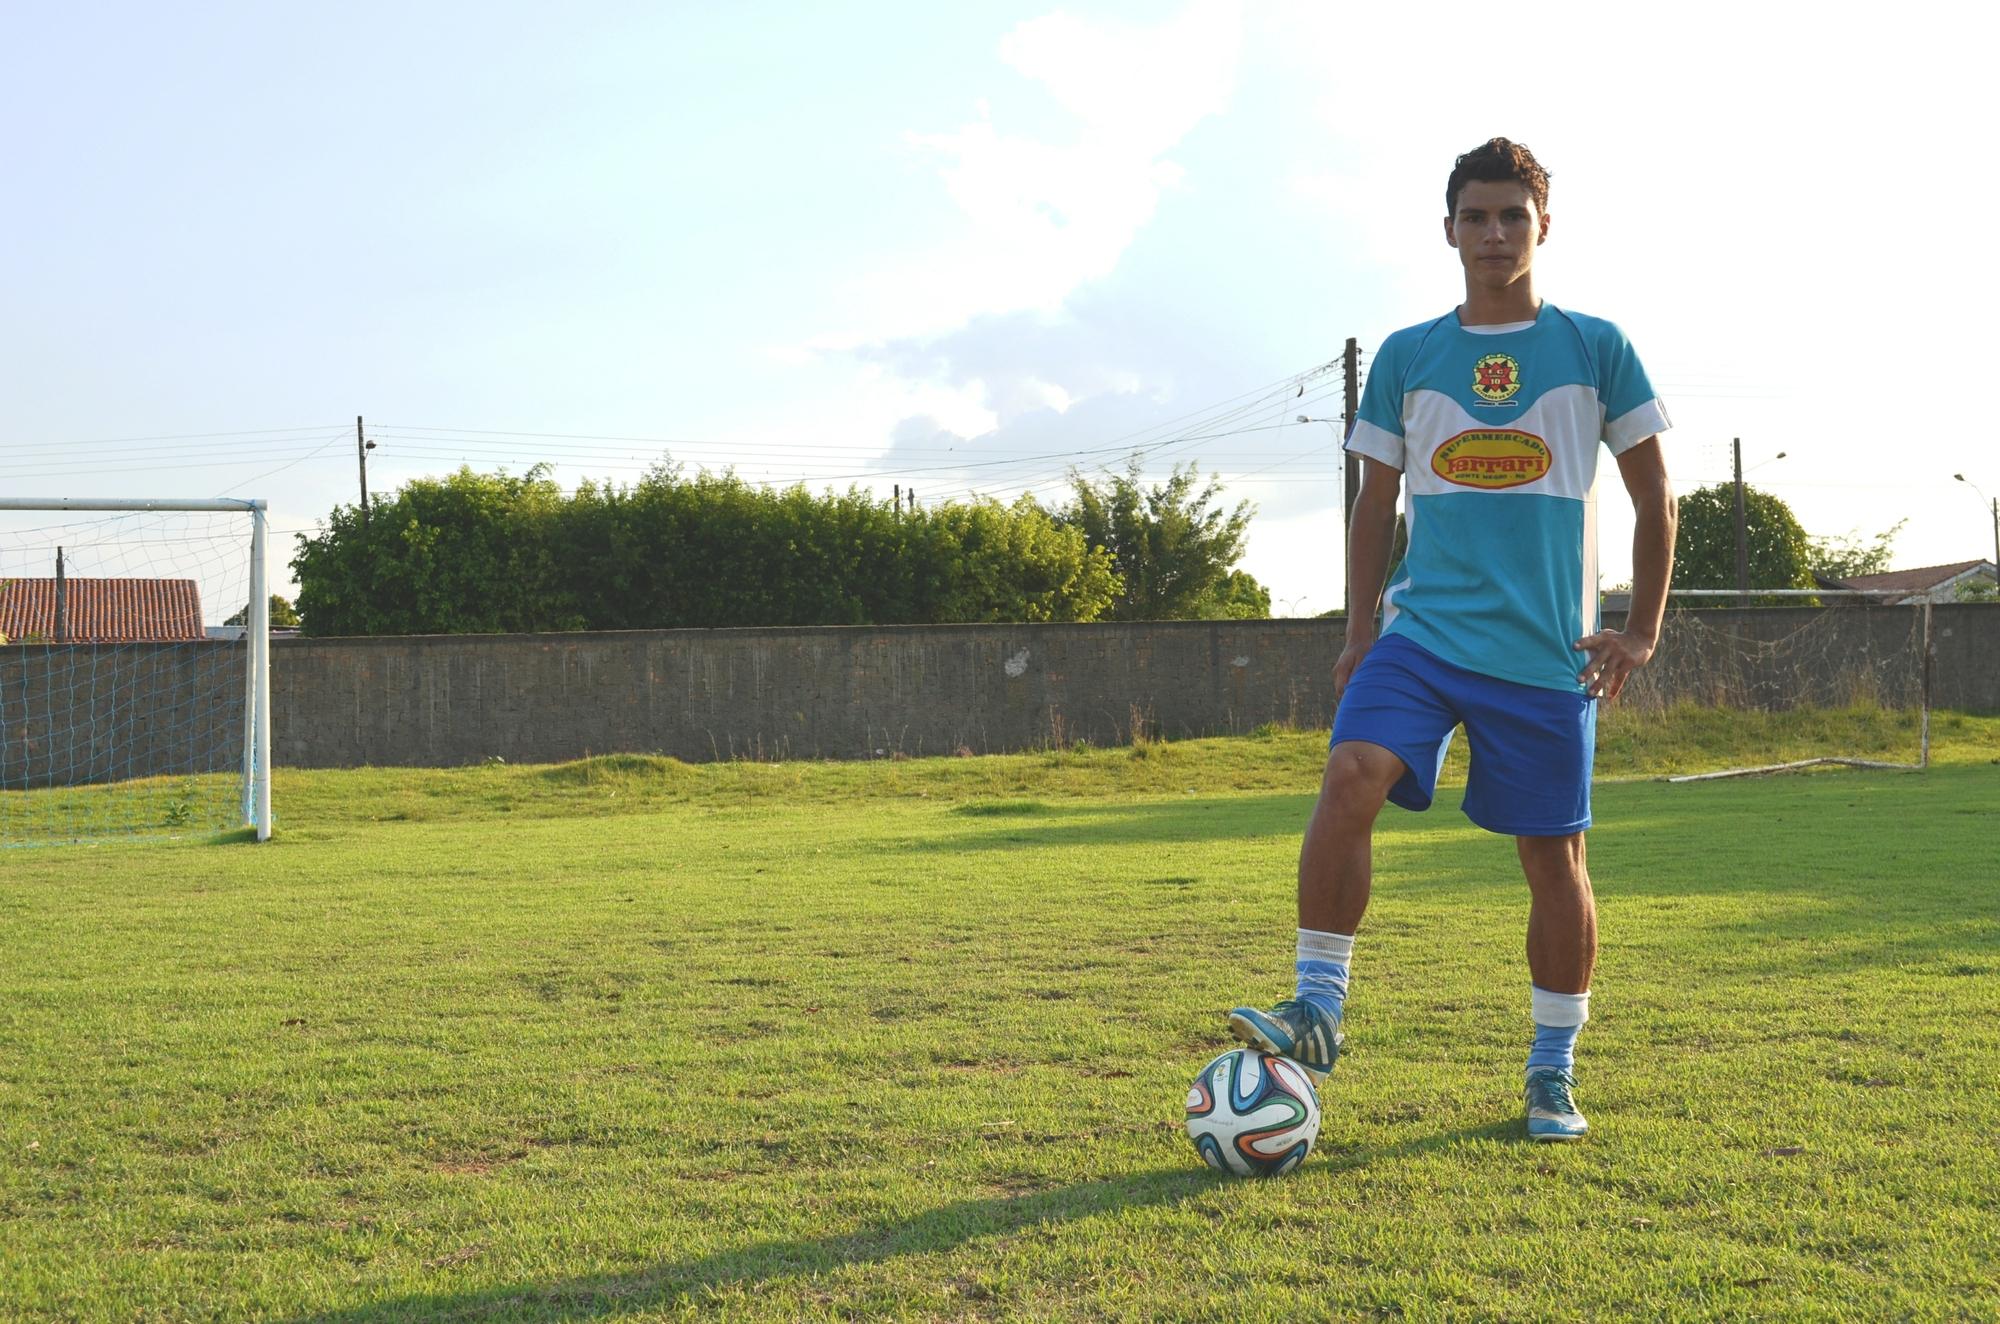 Clube que revelou Cristiano Ronaldo faz testes com jogador rondoniense  0e31349538ae3